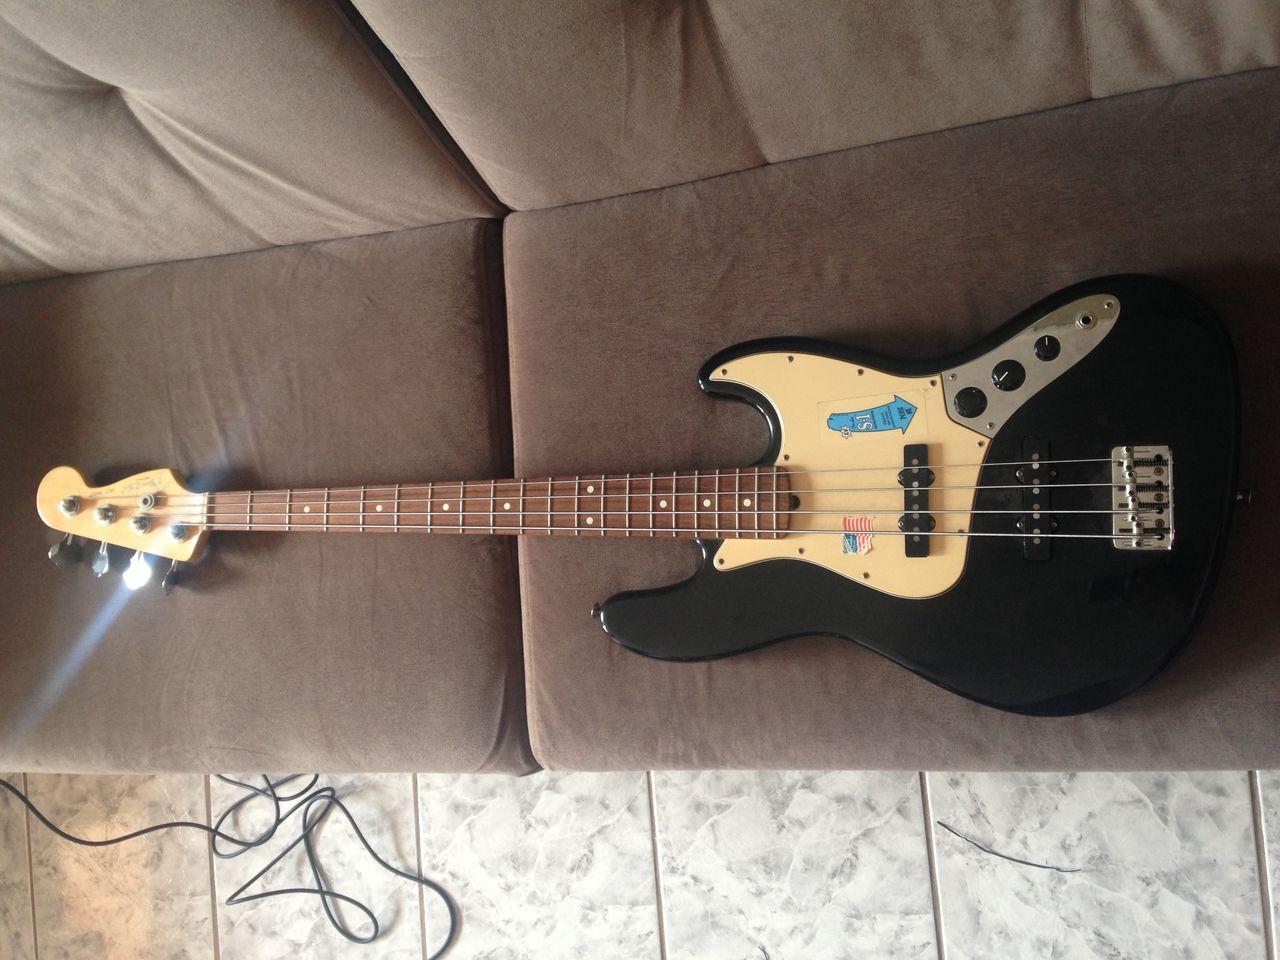 Que Jazz Bass é este? - Página 2 IMG_2582